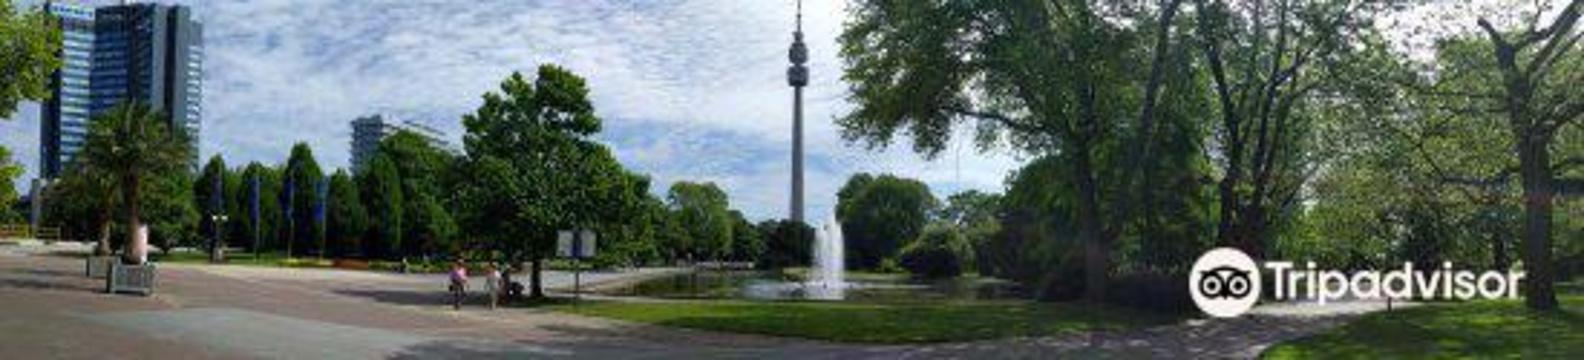 威斯特法伦公园旅游景点图片